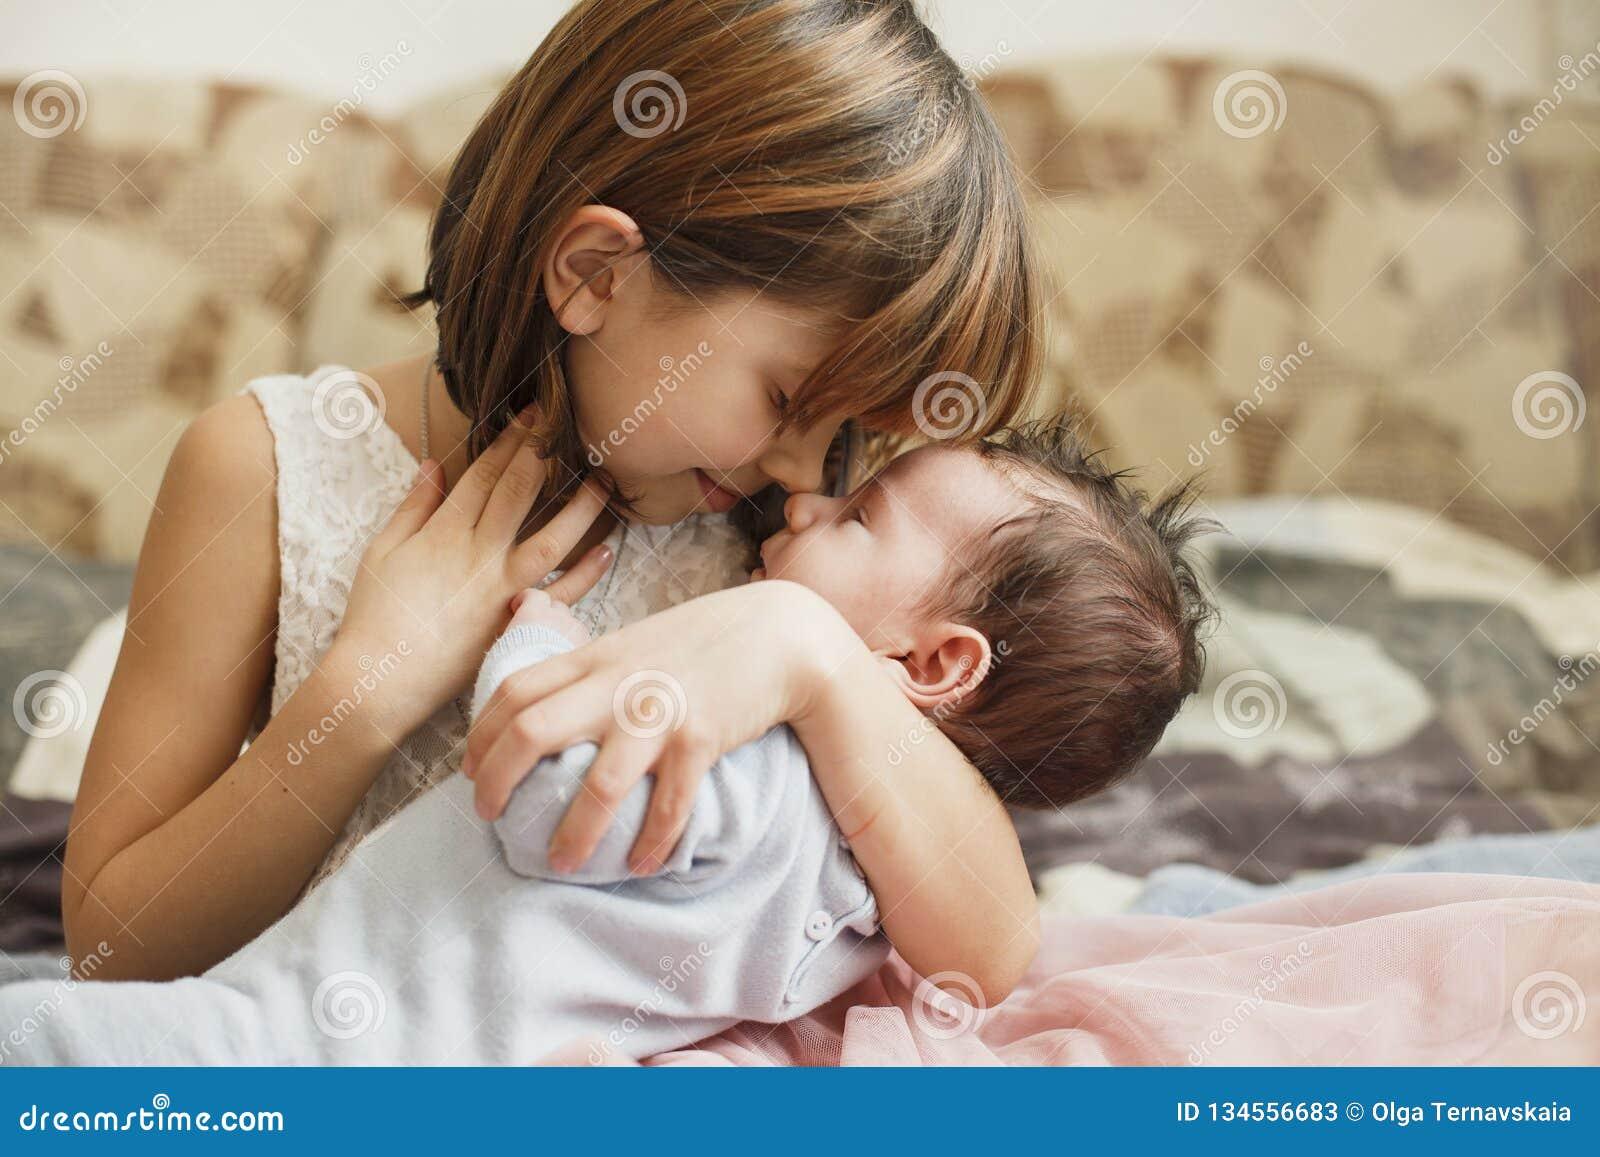 Sorellina che abbraccia suo fratello neonato Bambino del bambino che incontra nuovo fratello germano La ragazza sveglia ed il neo